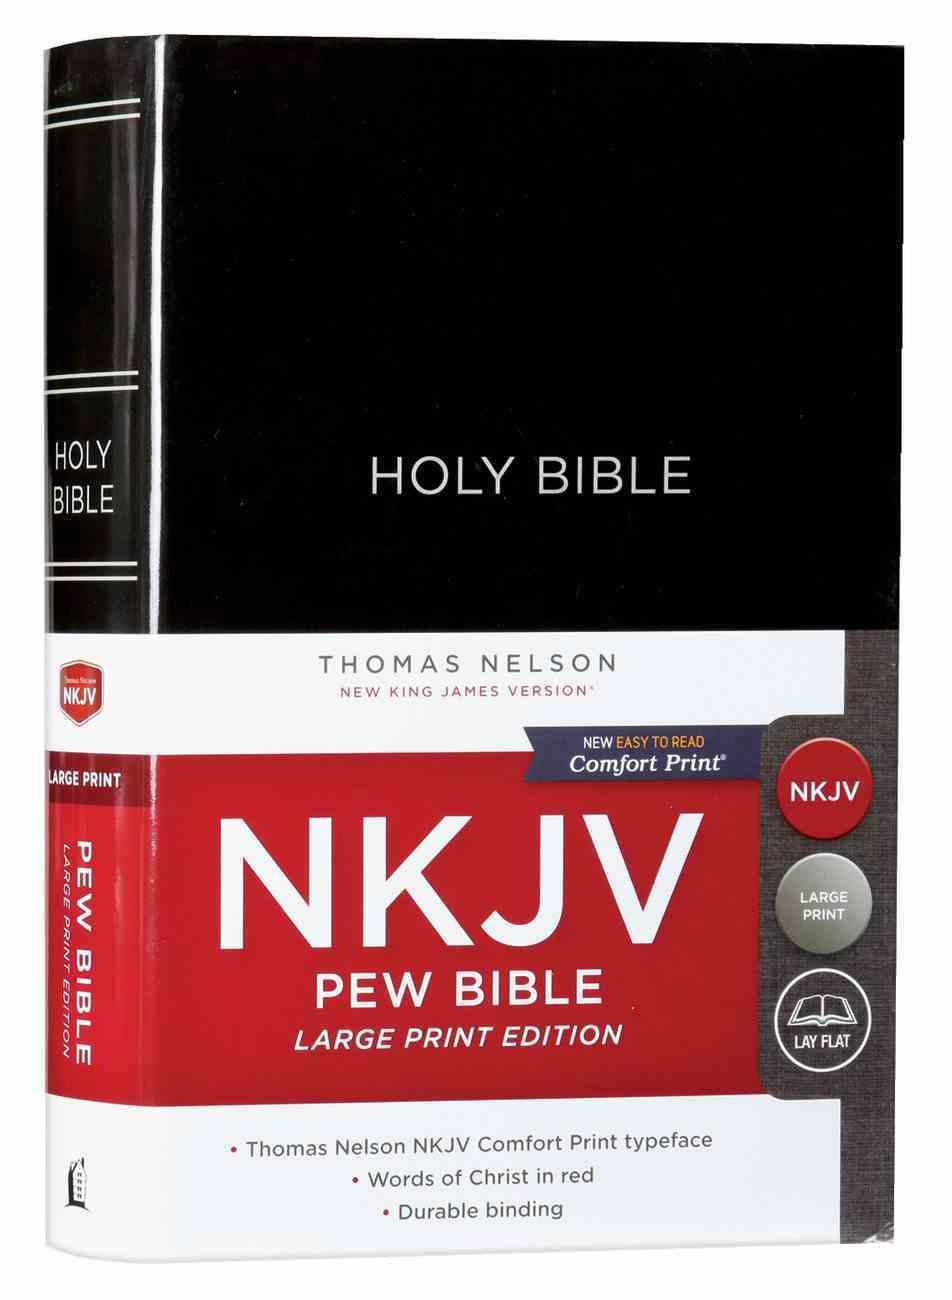 NKJV Pew Bible Large Print Black (Red Letter Edition) Hardback